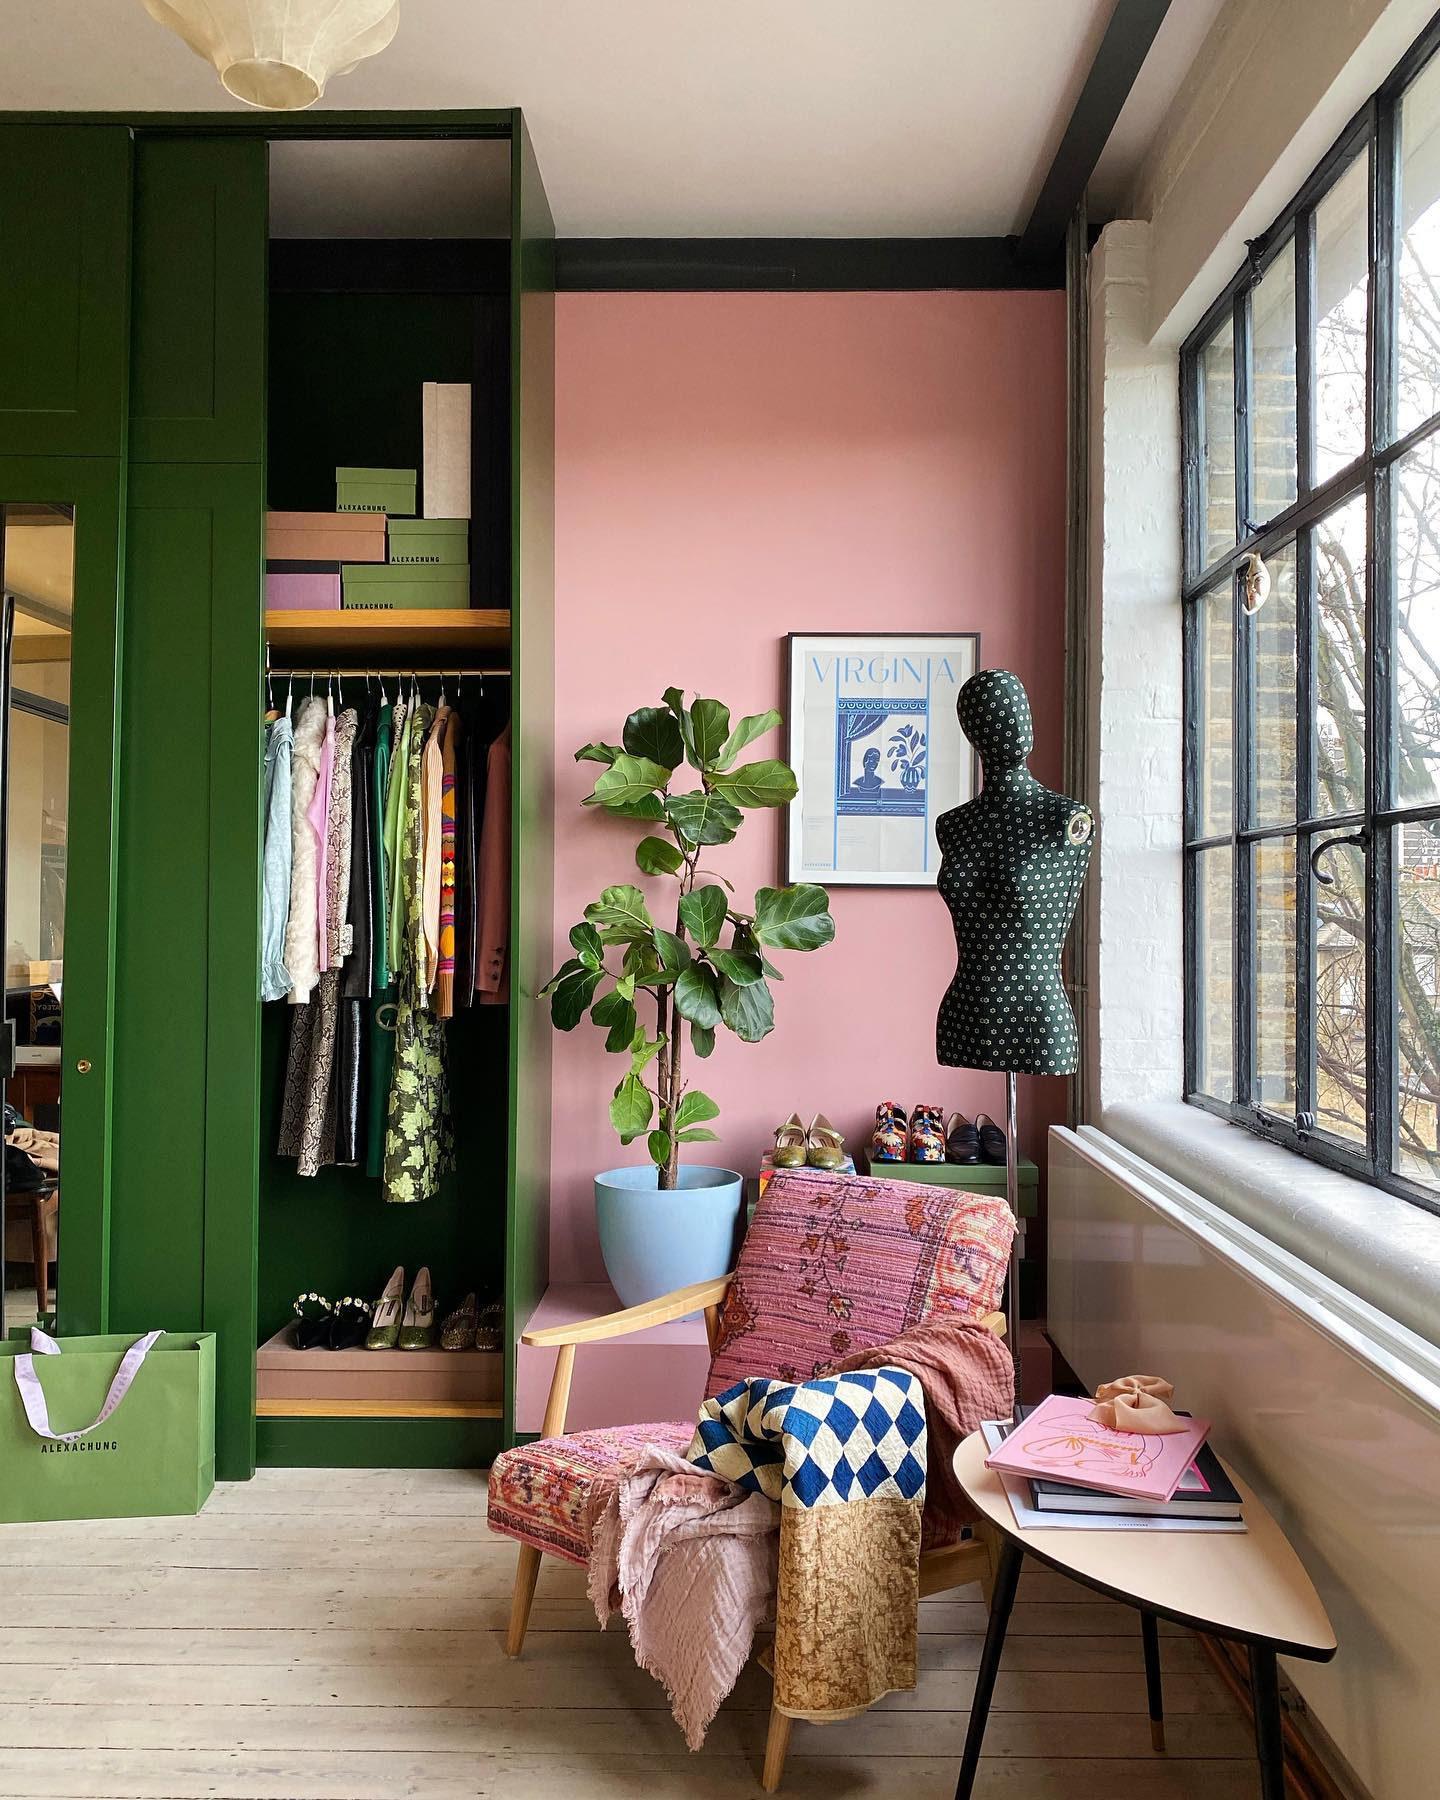 الجدران الخضراء غرفة المعيشة: لوحات parete-verde-soggior